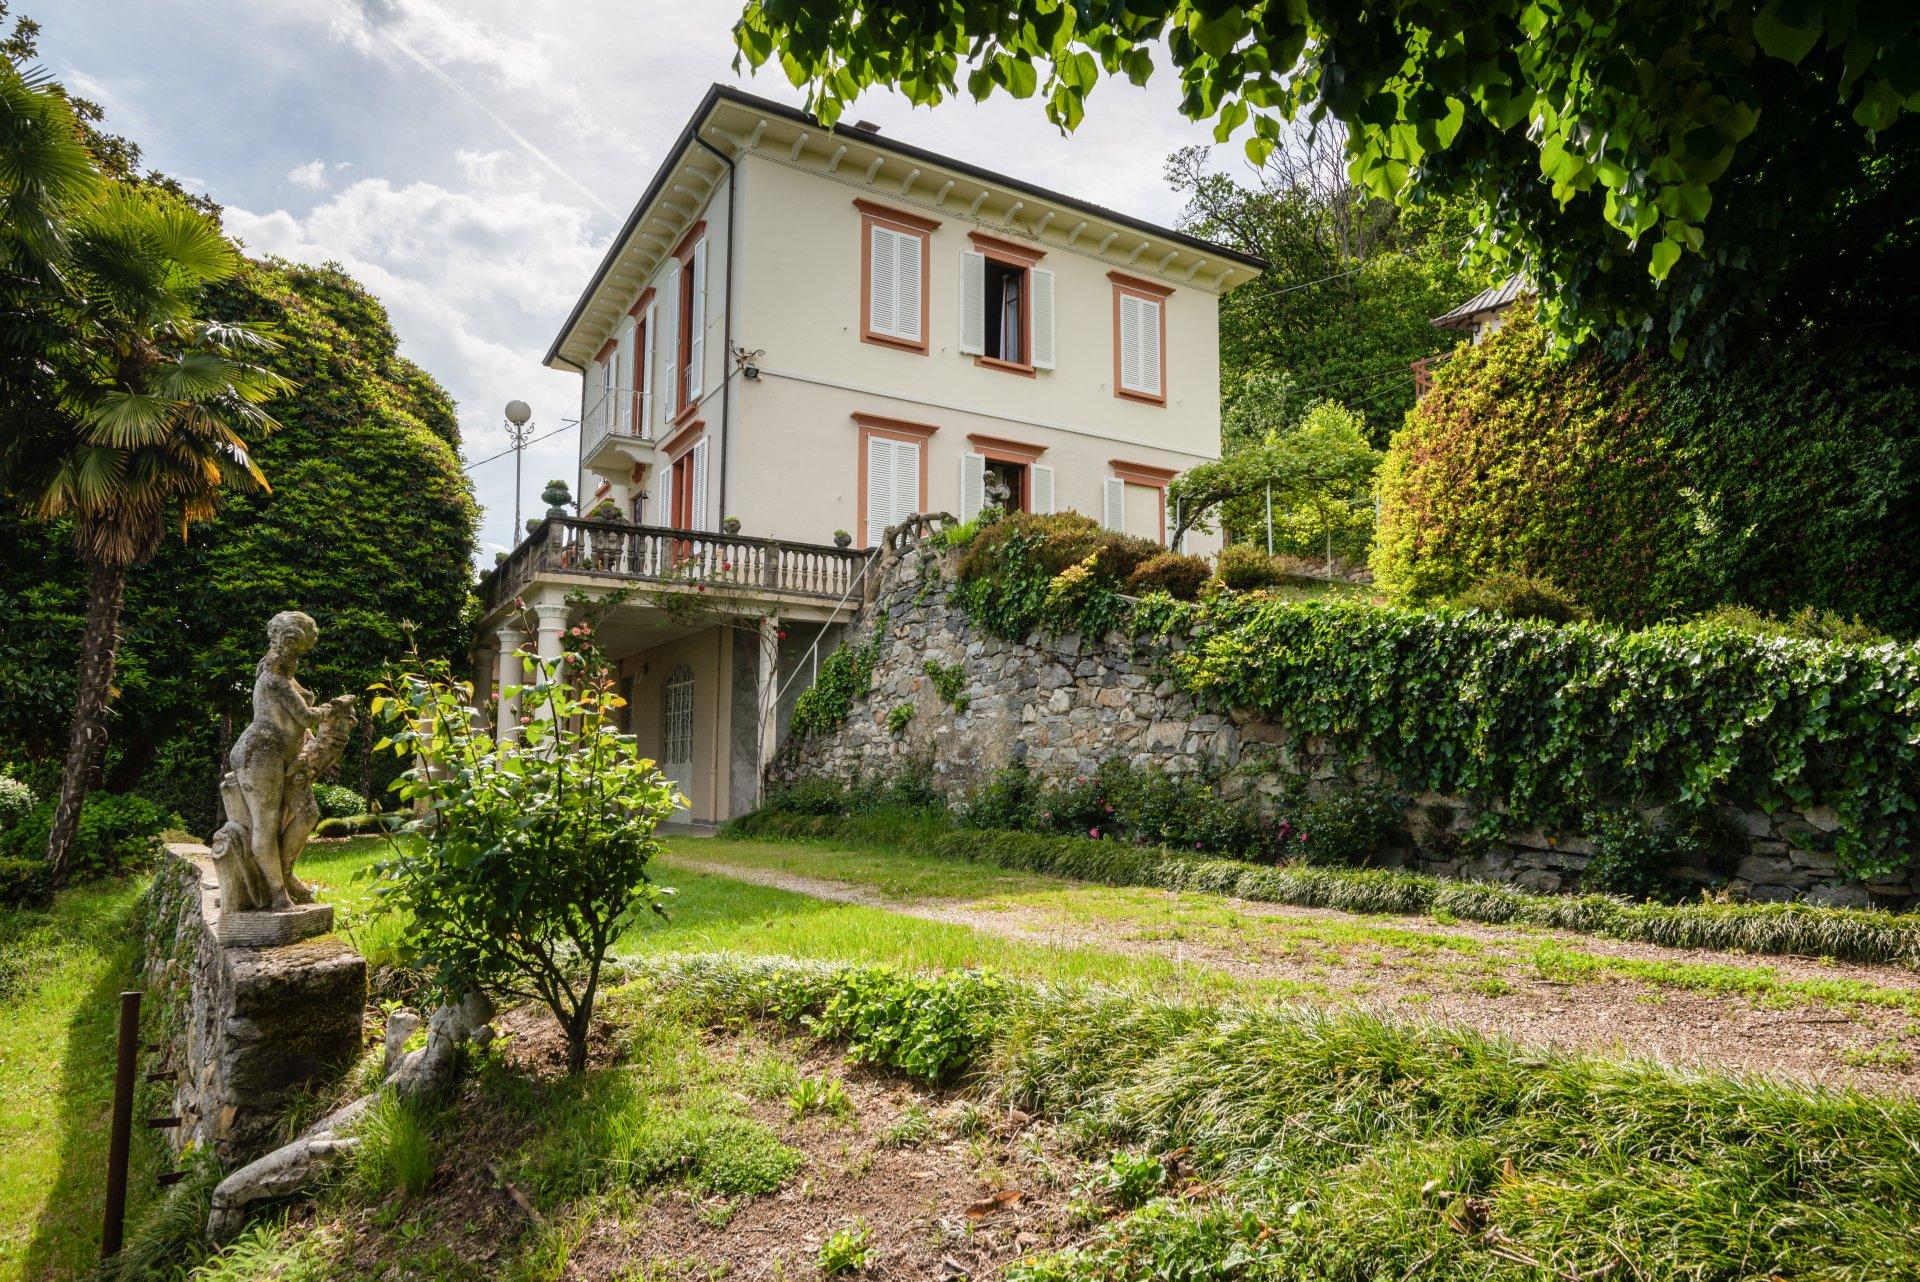 Proprietà storica in vendita al Lago Maggiore-immobile